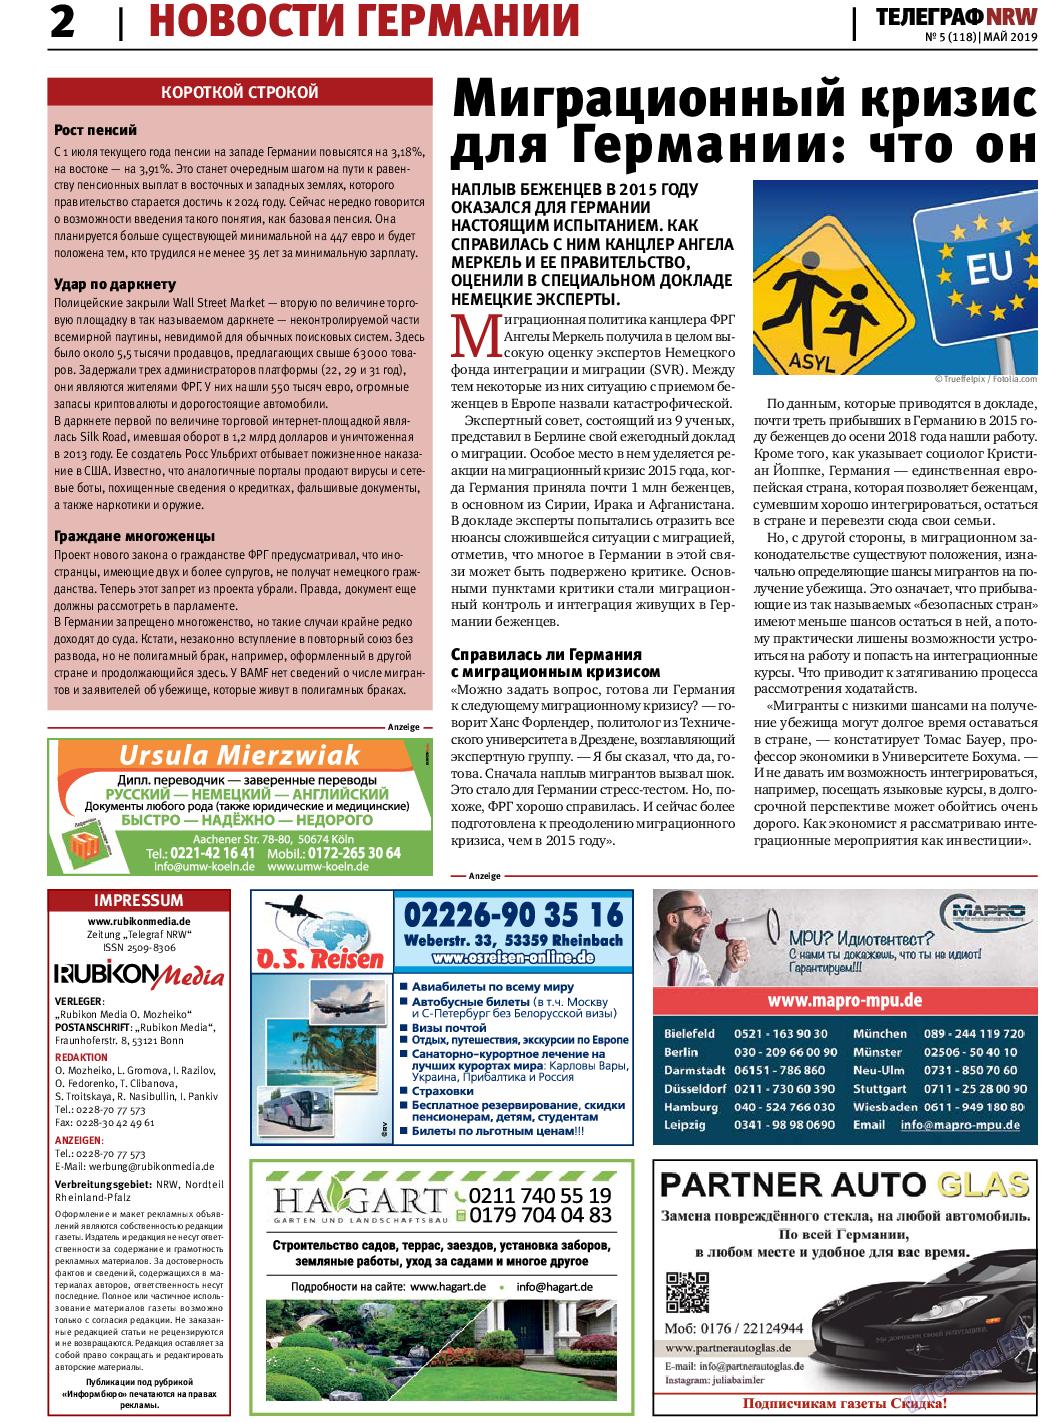 Телеграф NRW (газета). 2019 год, номер 5, стр. 2